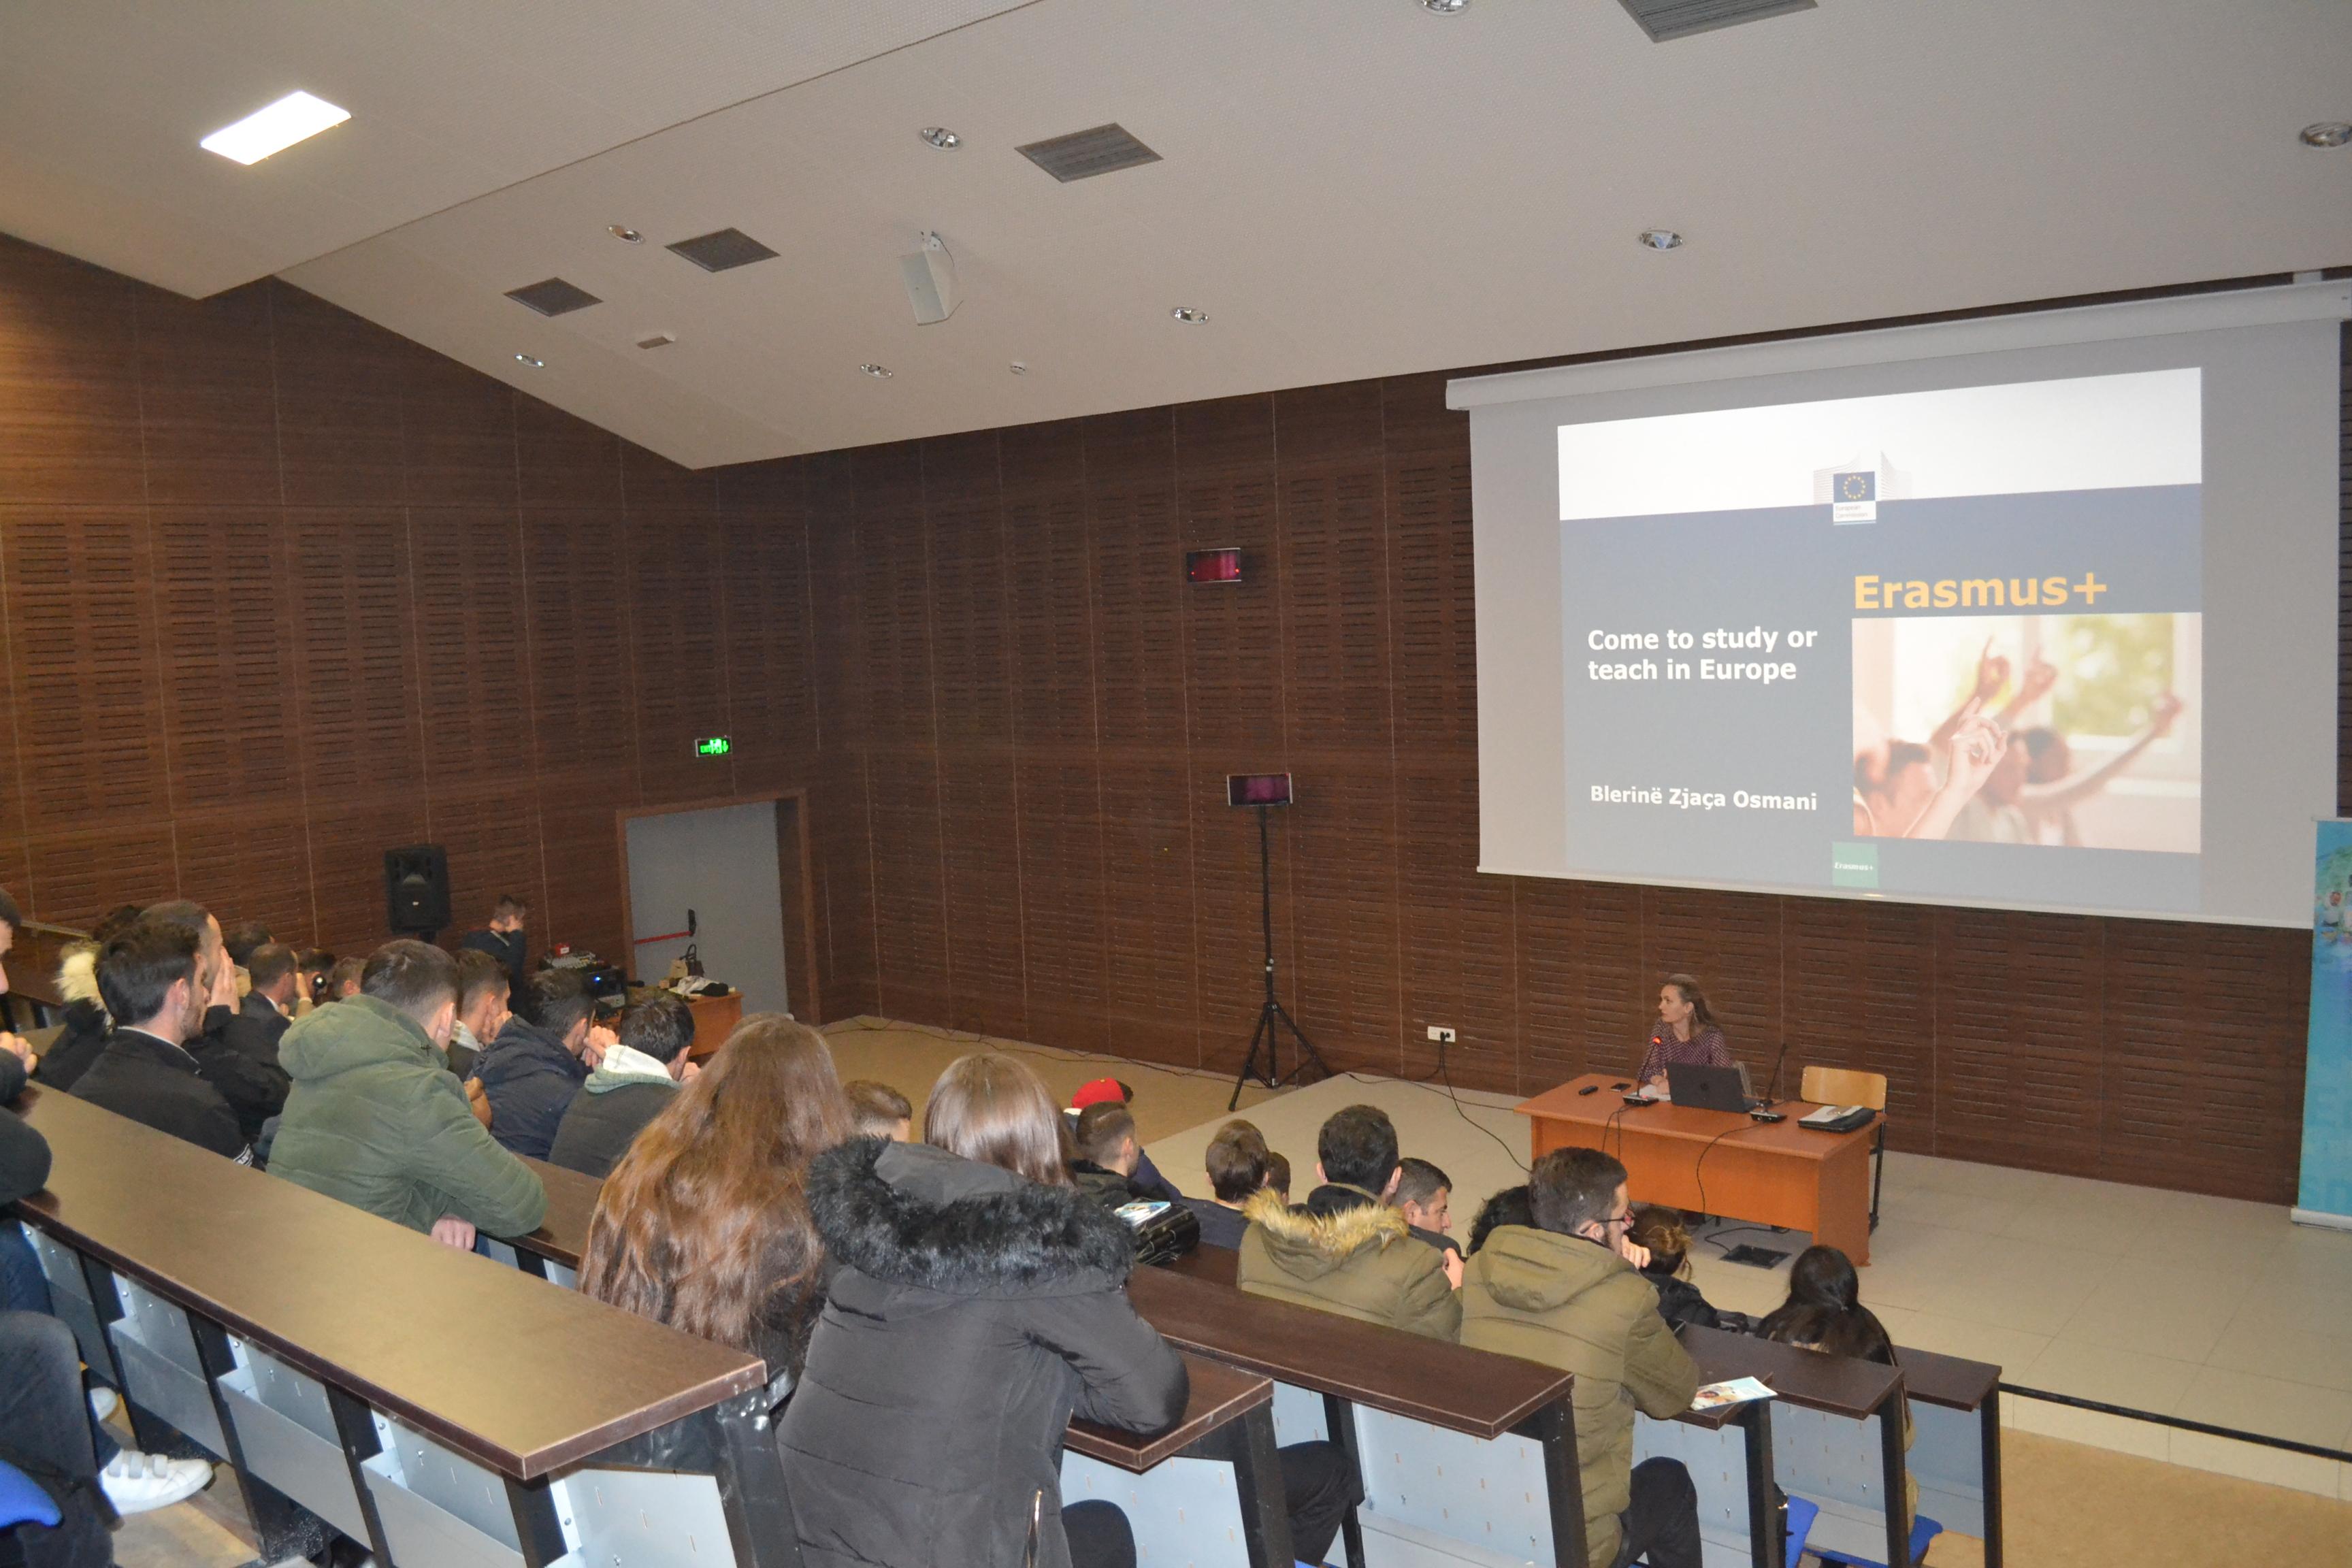 U mbajt dita informuese nga Erasmus+